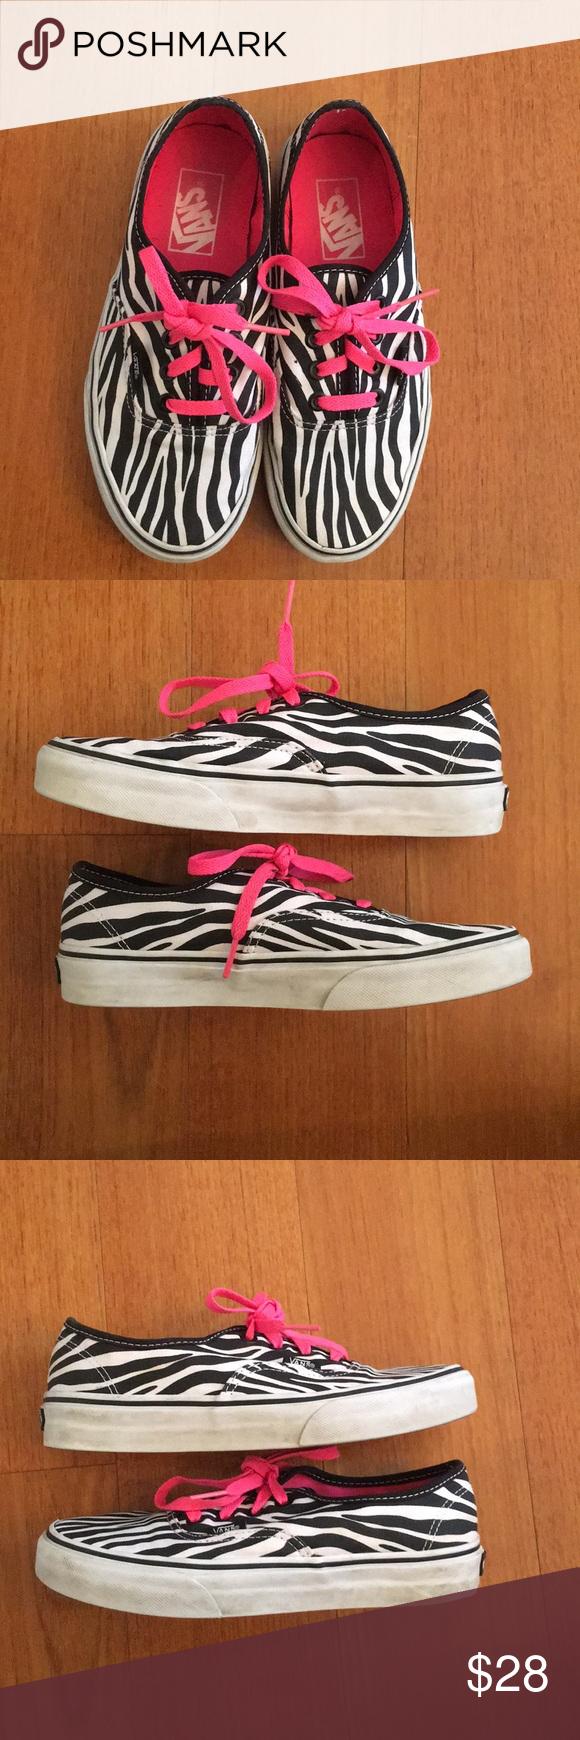 d3eab46321 Unique vans hot pink zebra print tennis shoes Zebra print vans tennis shoes.  Really cool with the hot pink insoles   laces! Sure to impress!